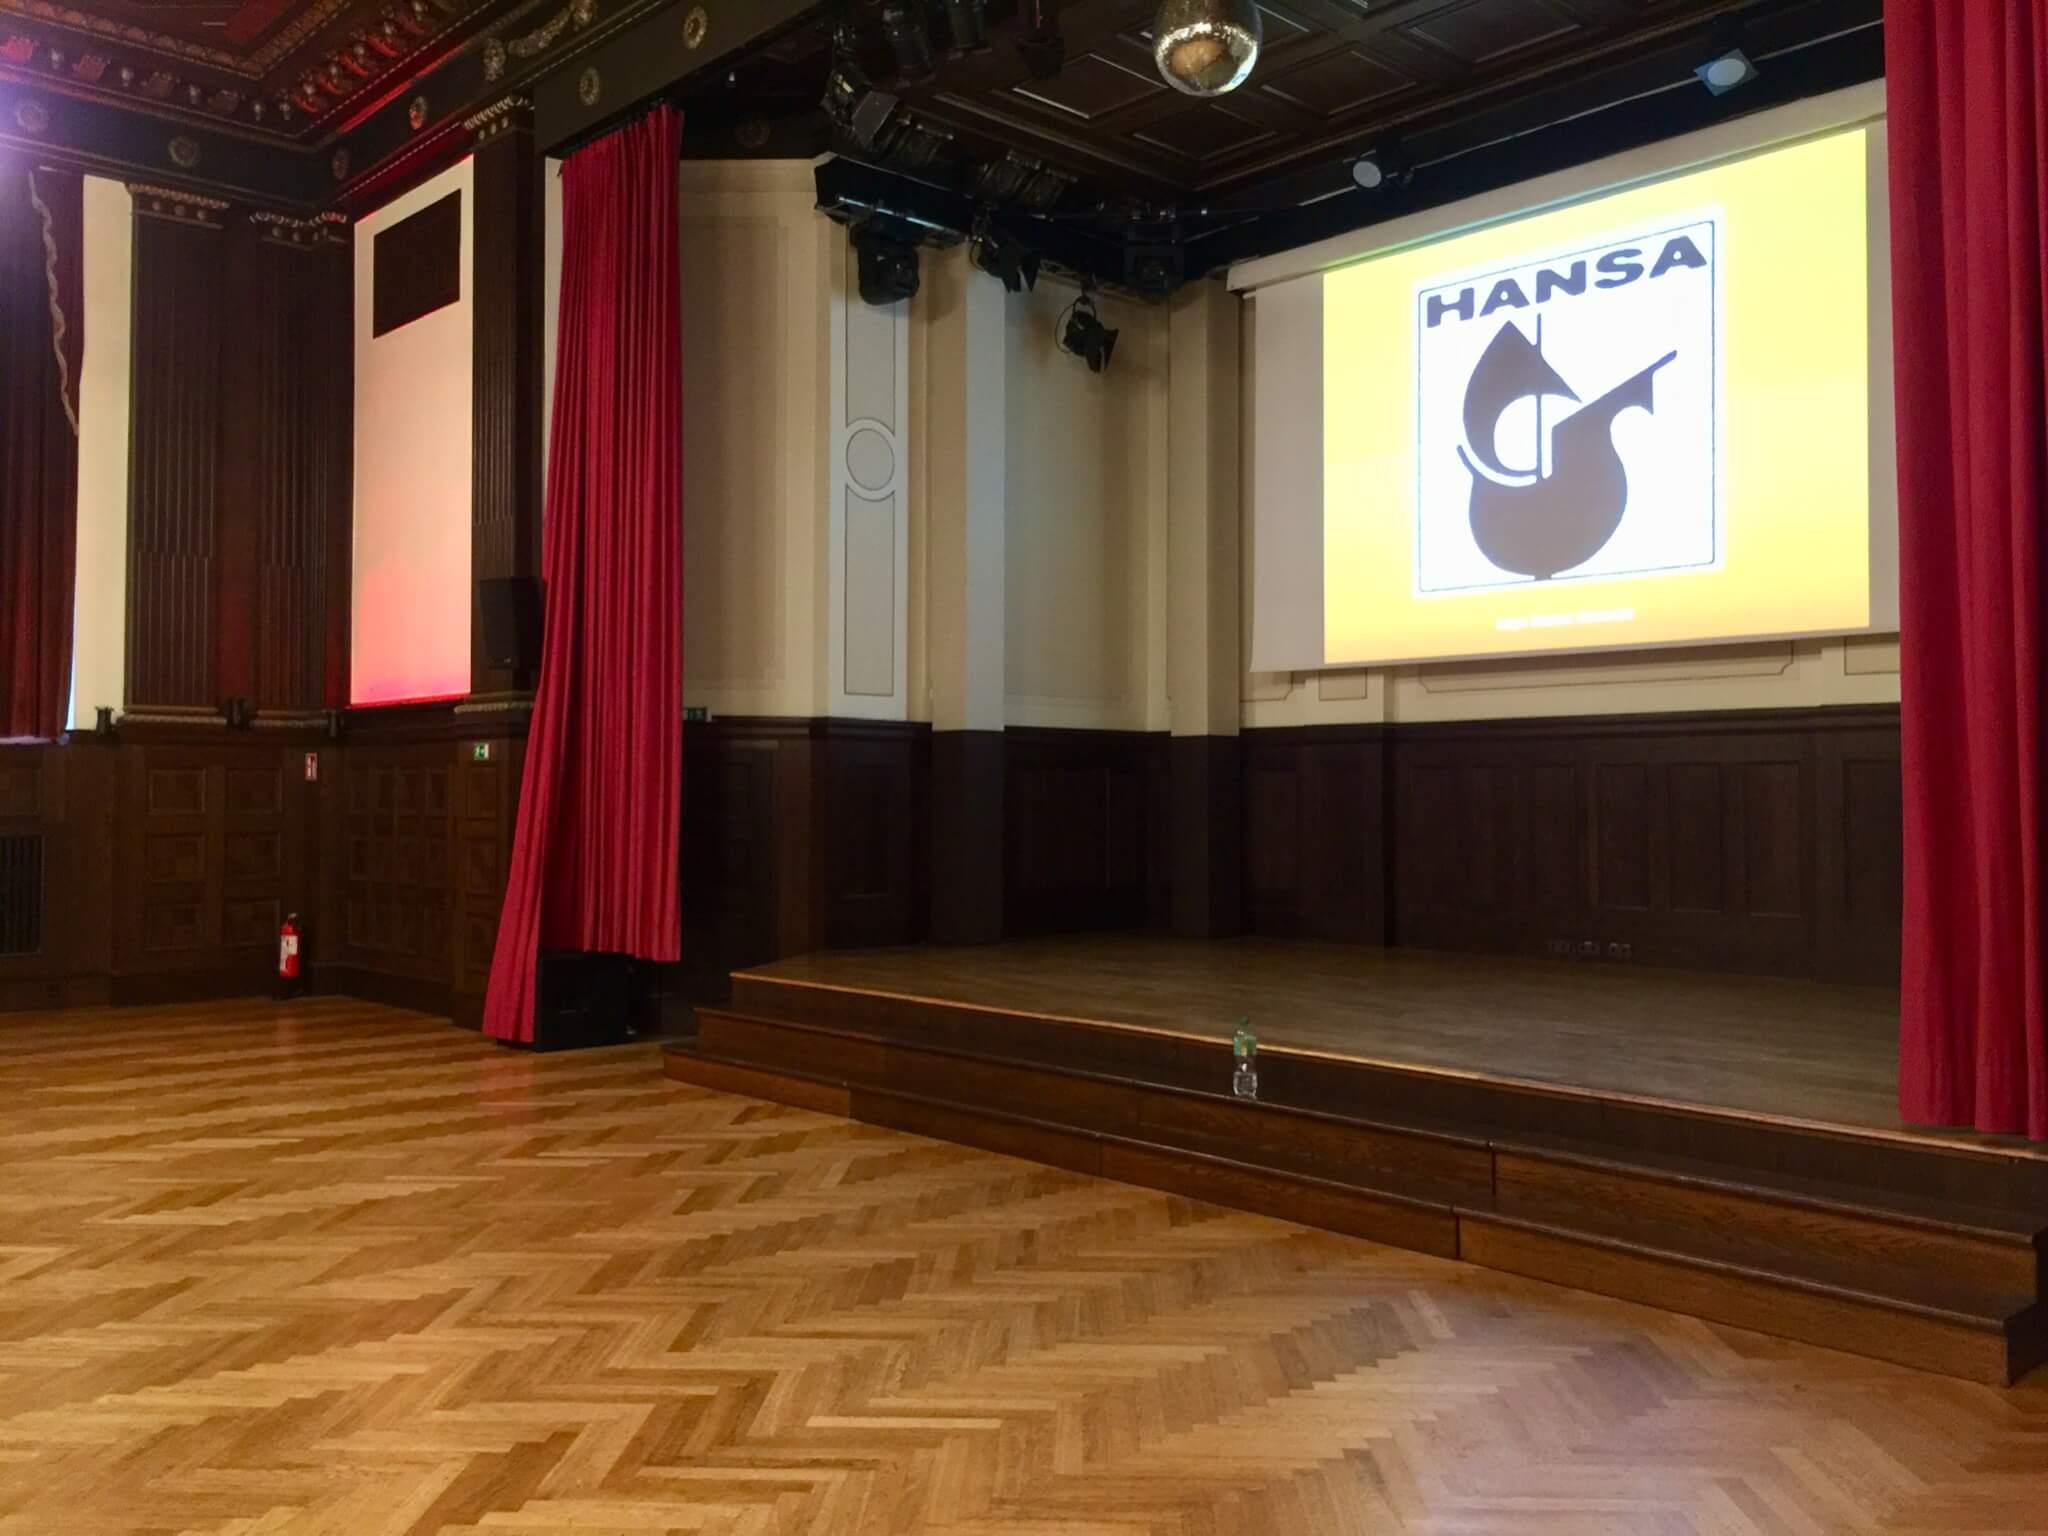 Hansa Studios – Hansa by the Wall